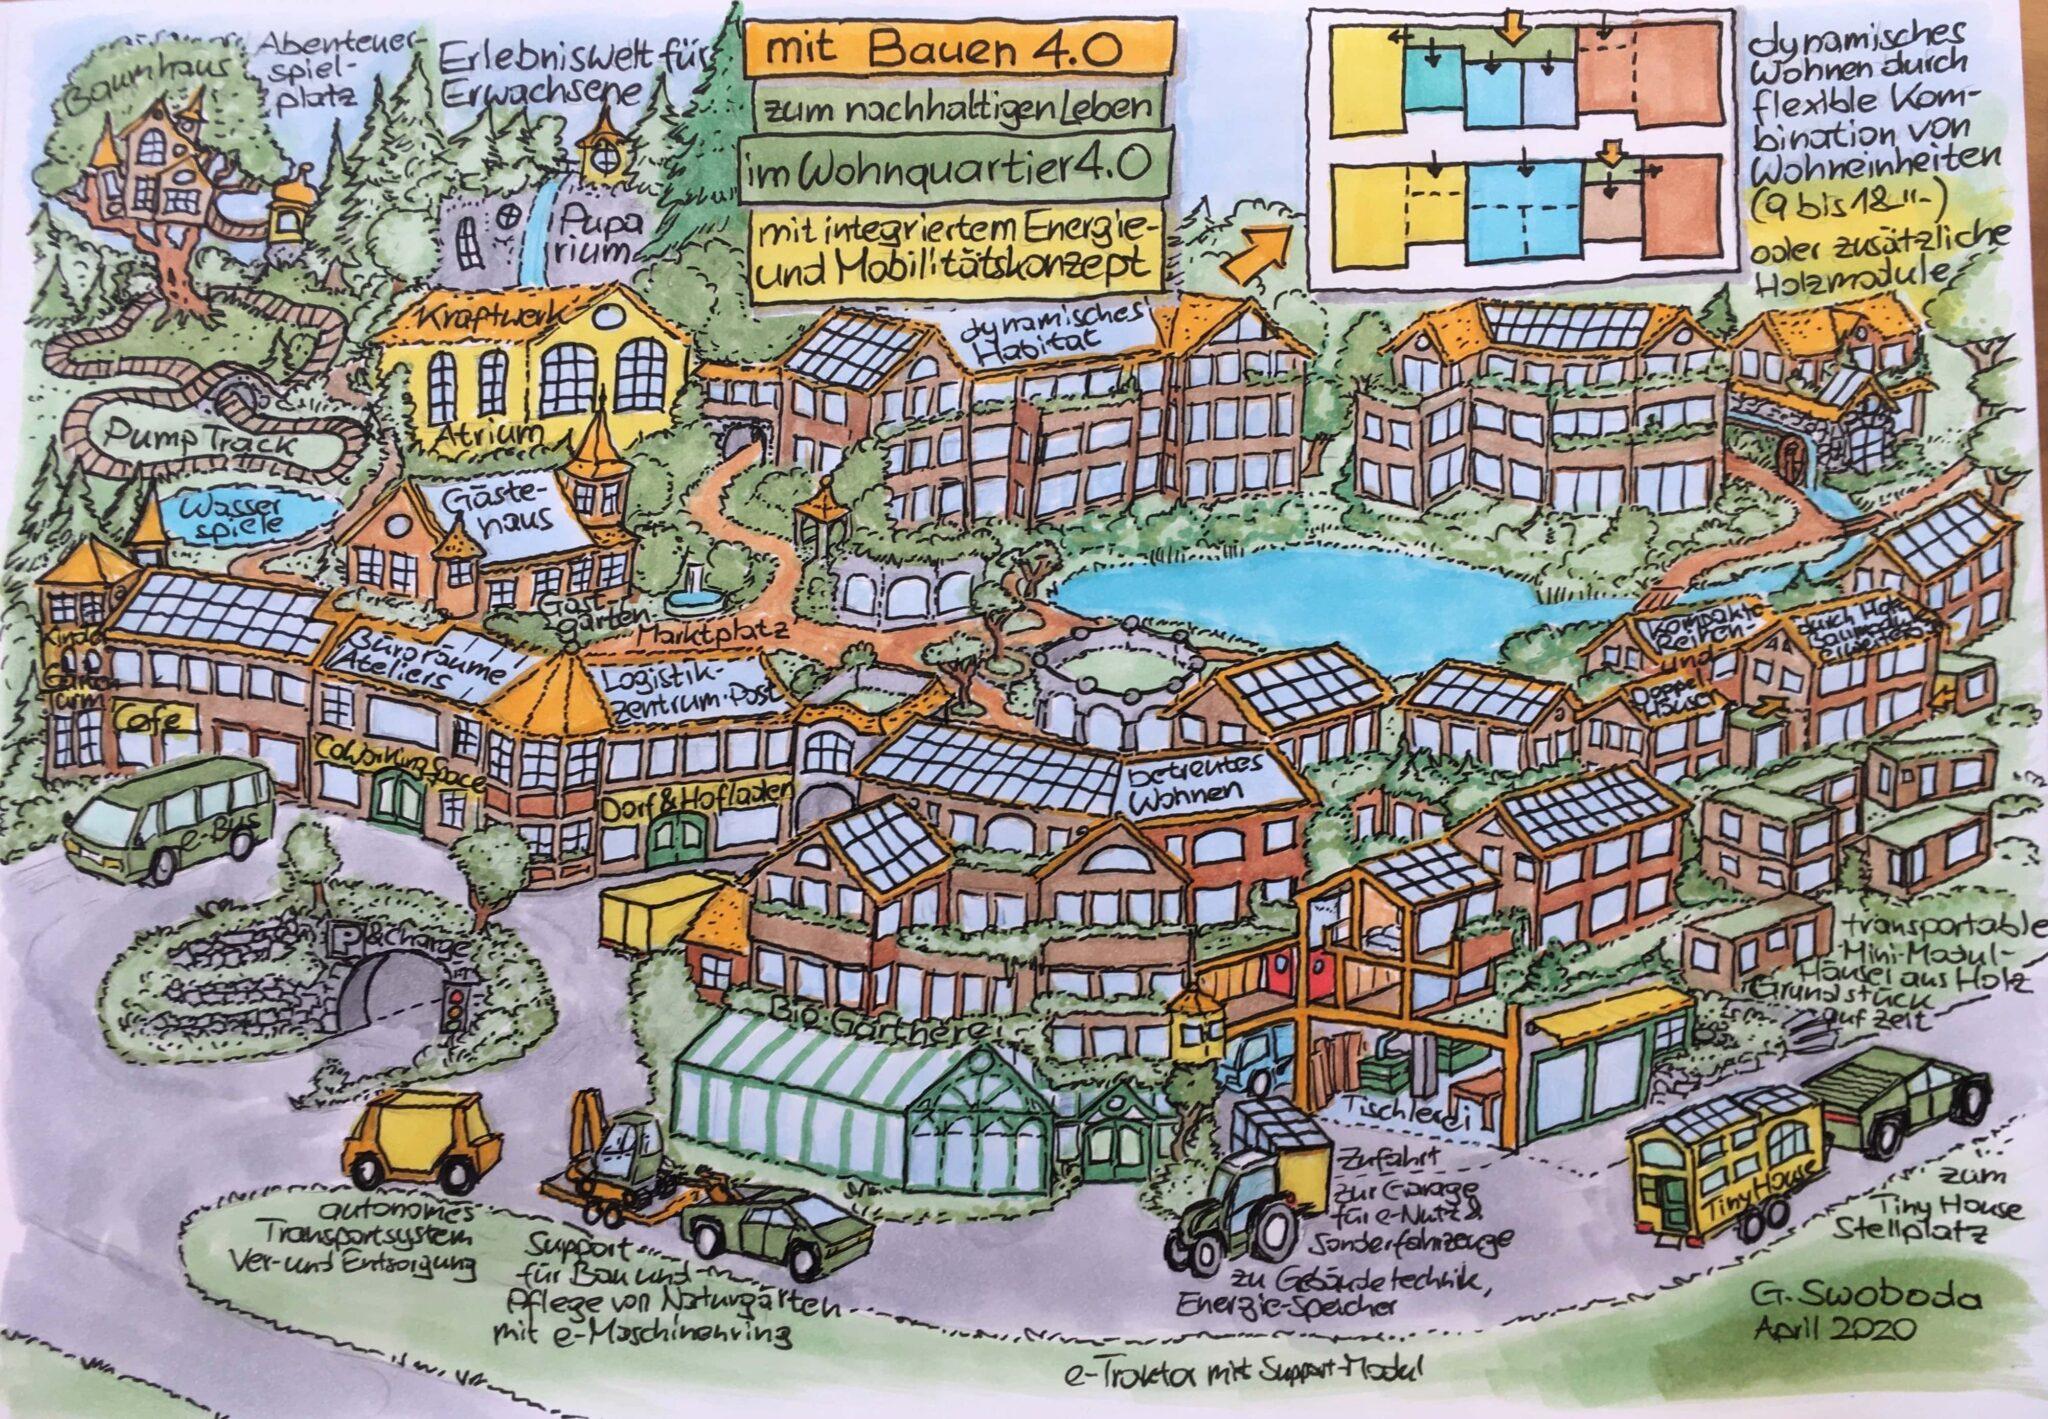 Vom Wohnquartier zum Zukunftsdorf | Wimmelbild gross min scaled